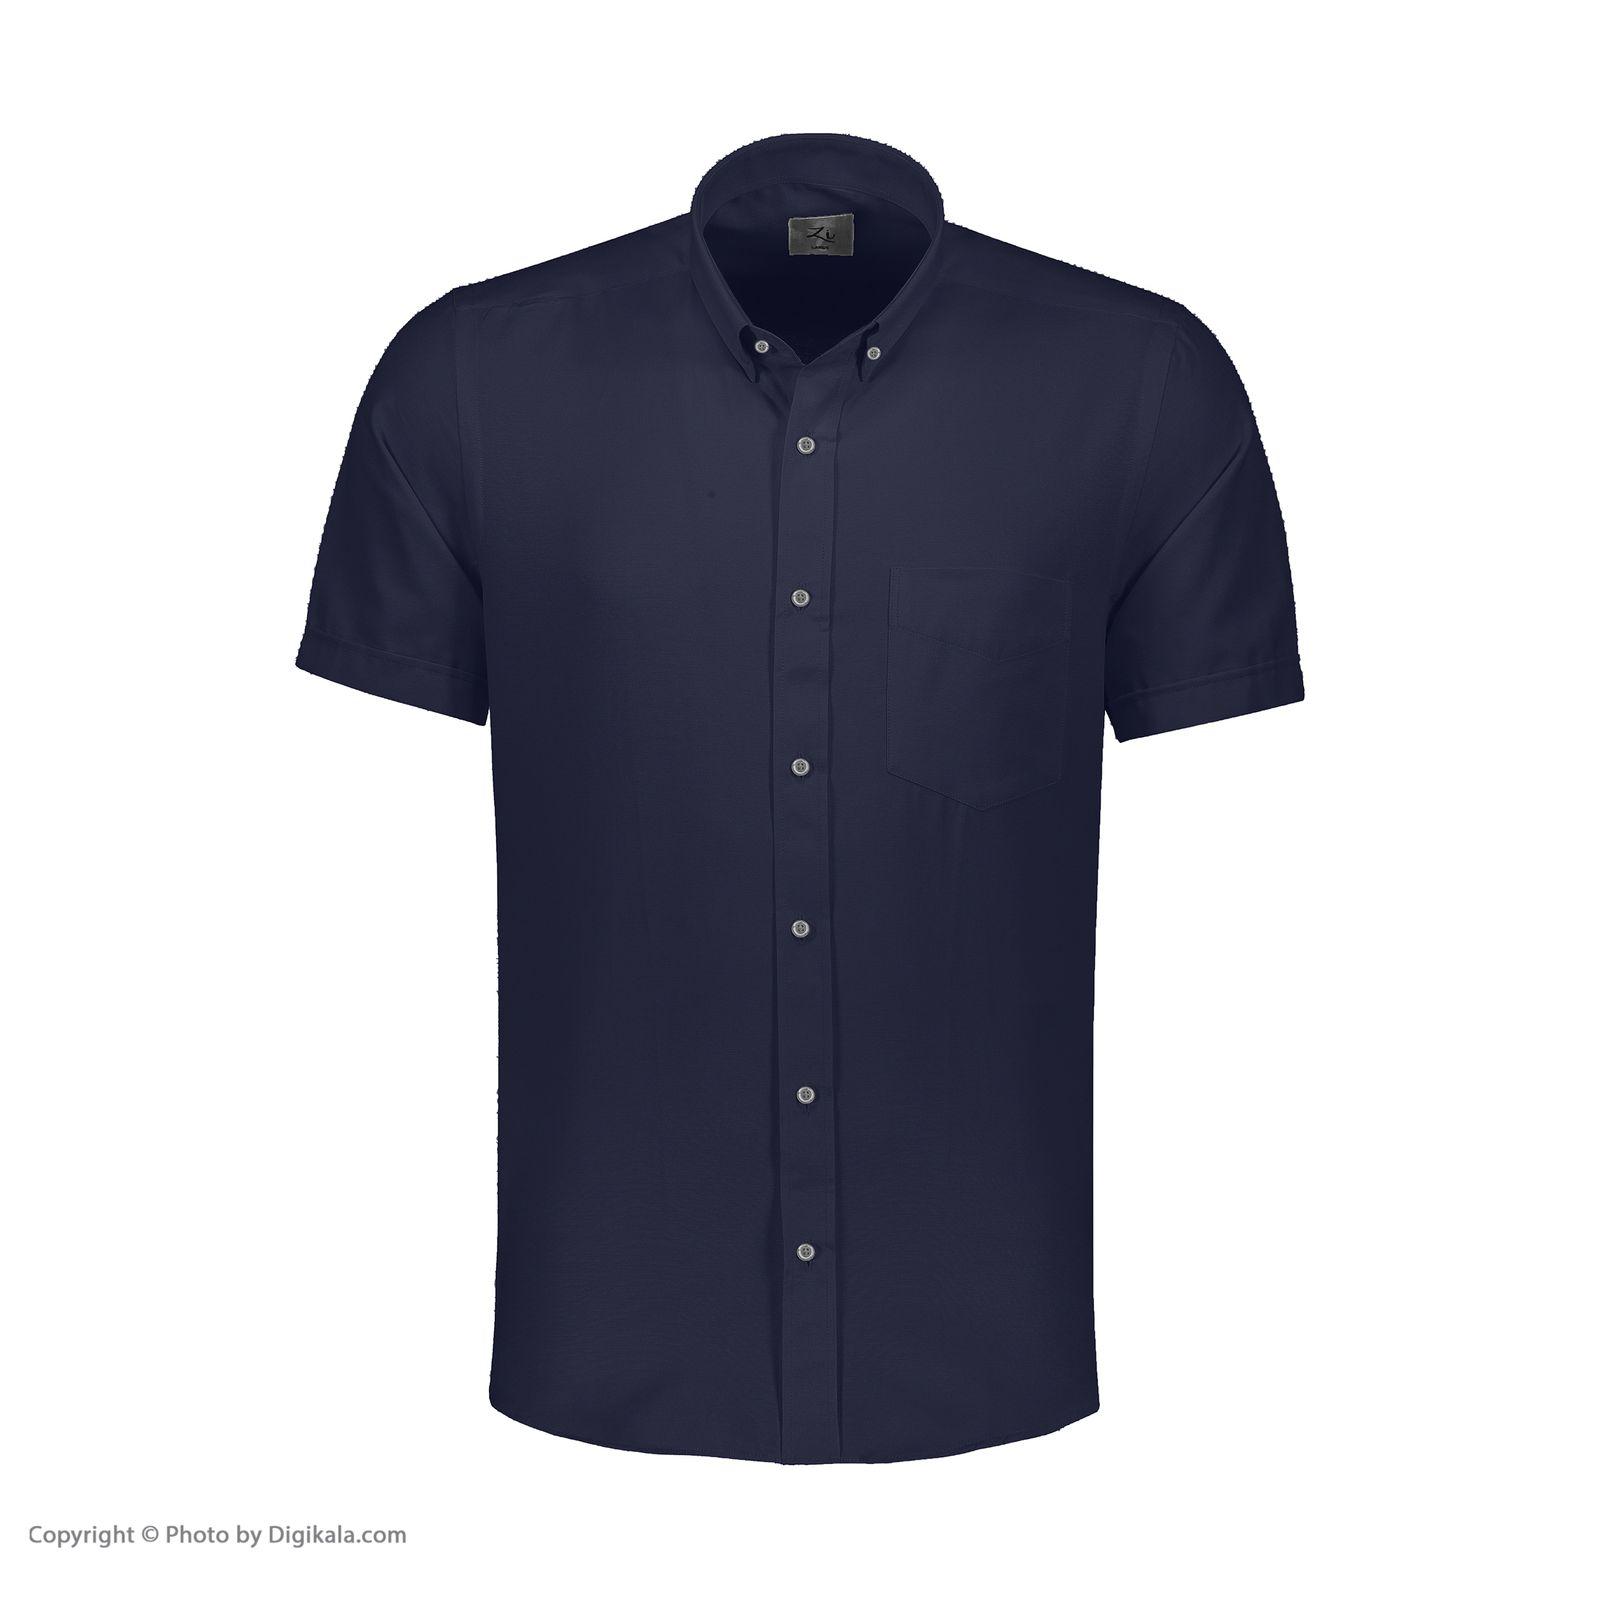 پیراهن مردانه زی مدل 153119759 -  - 1